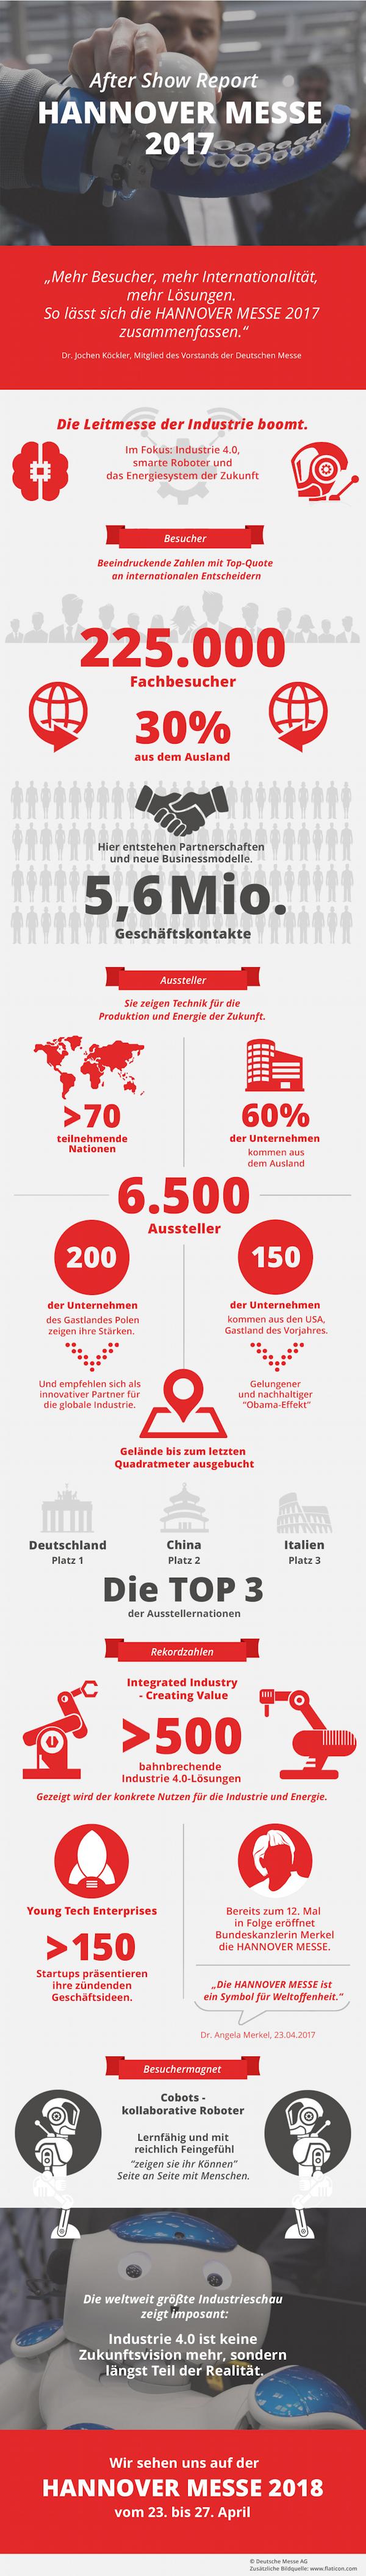 Infografik Hannover Messe 2017, © Deutsche Messe AG 2017